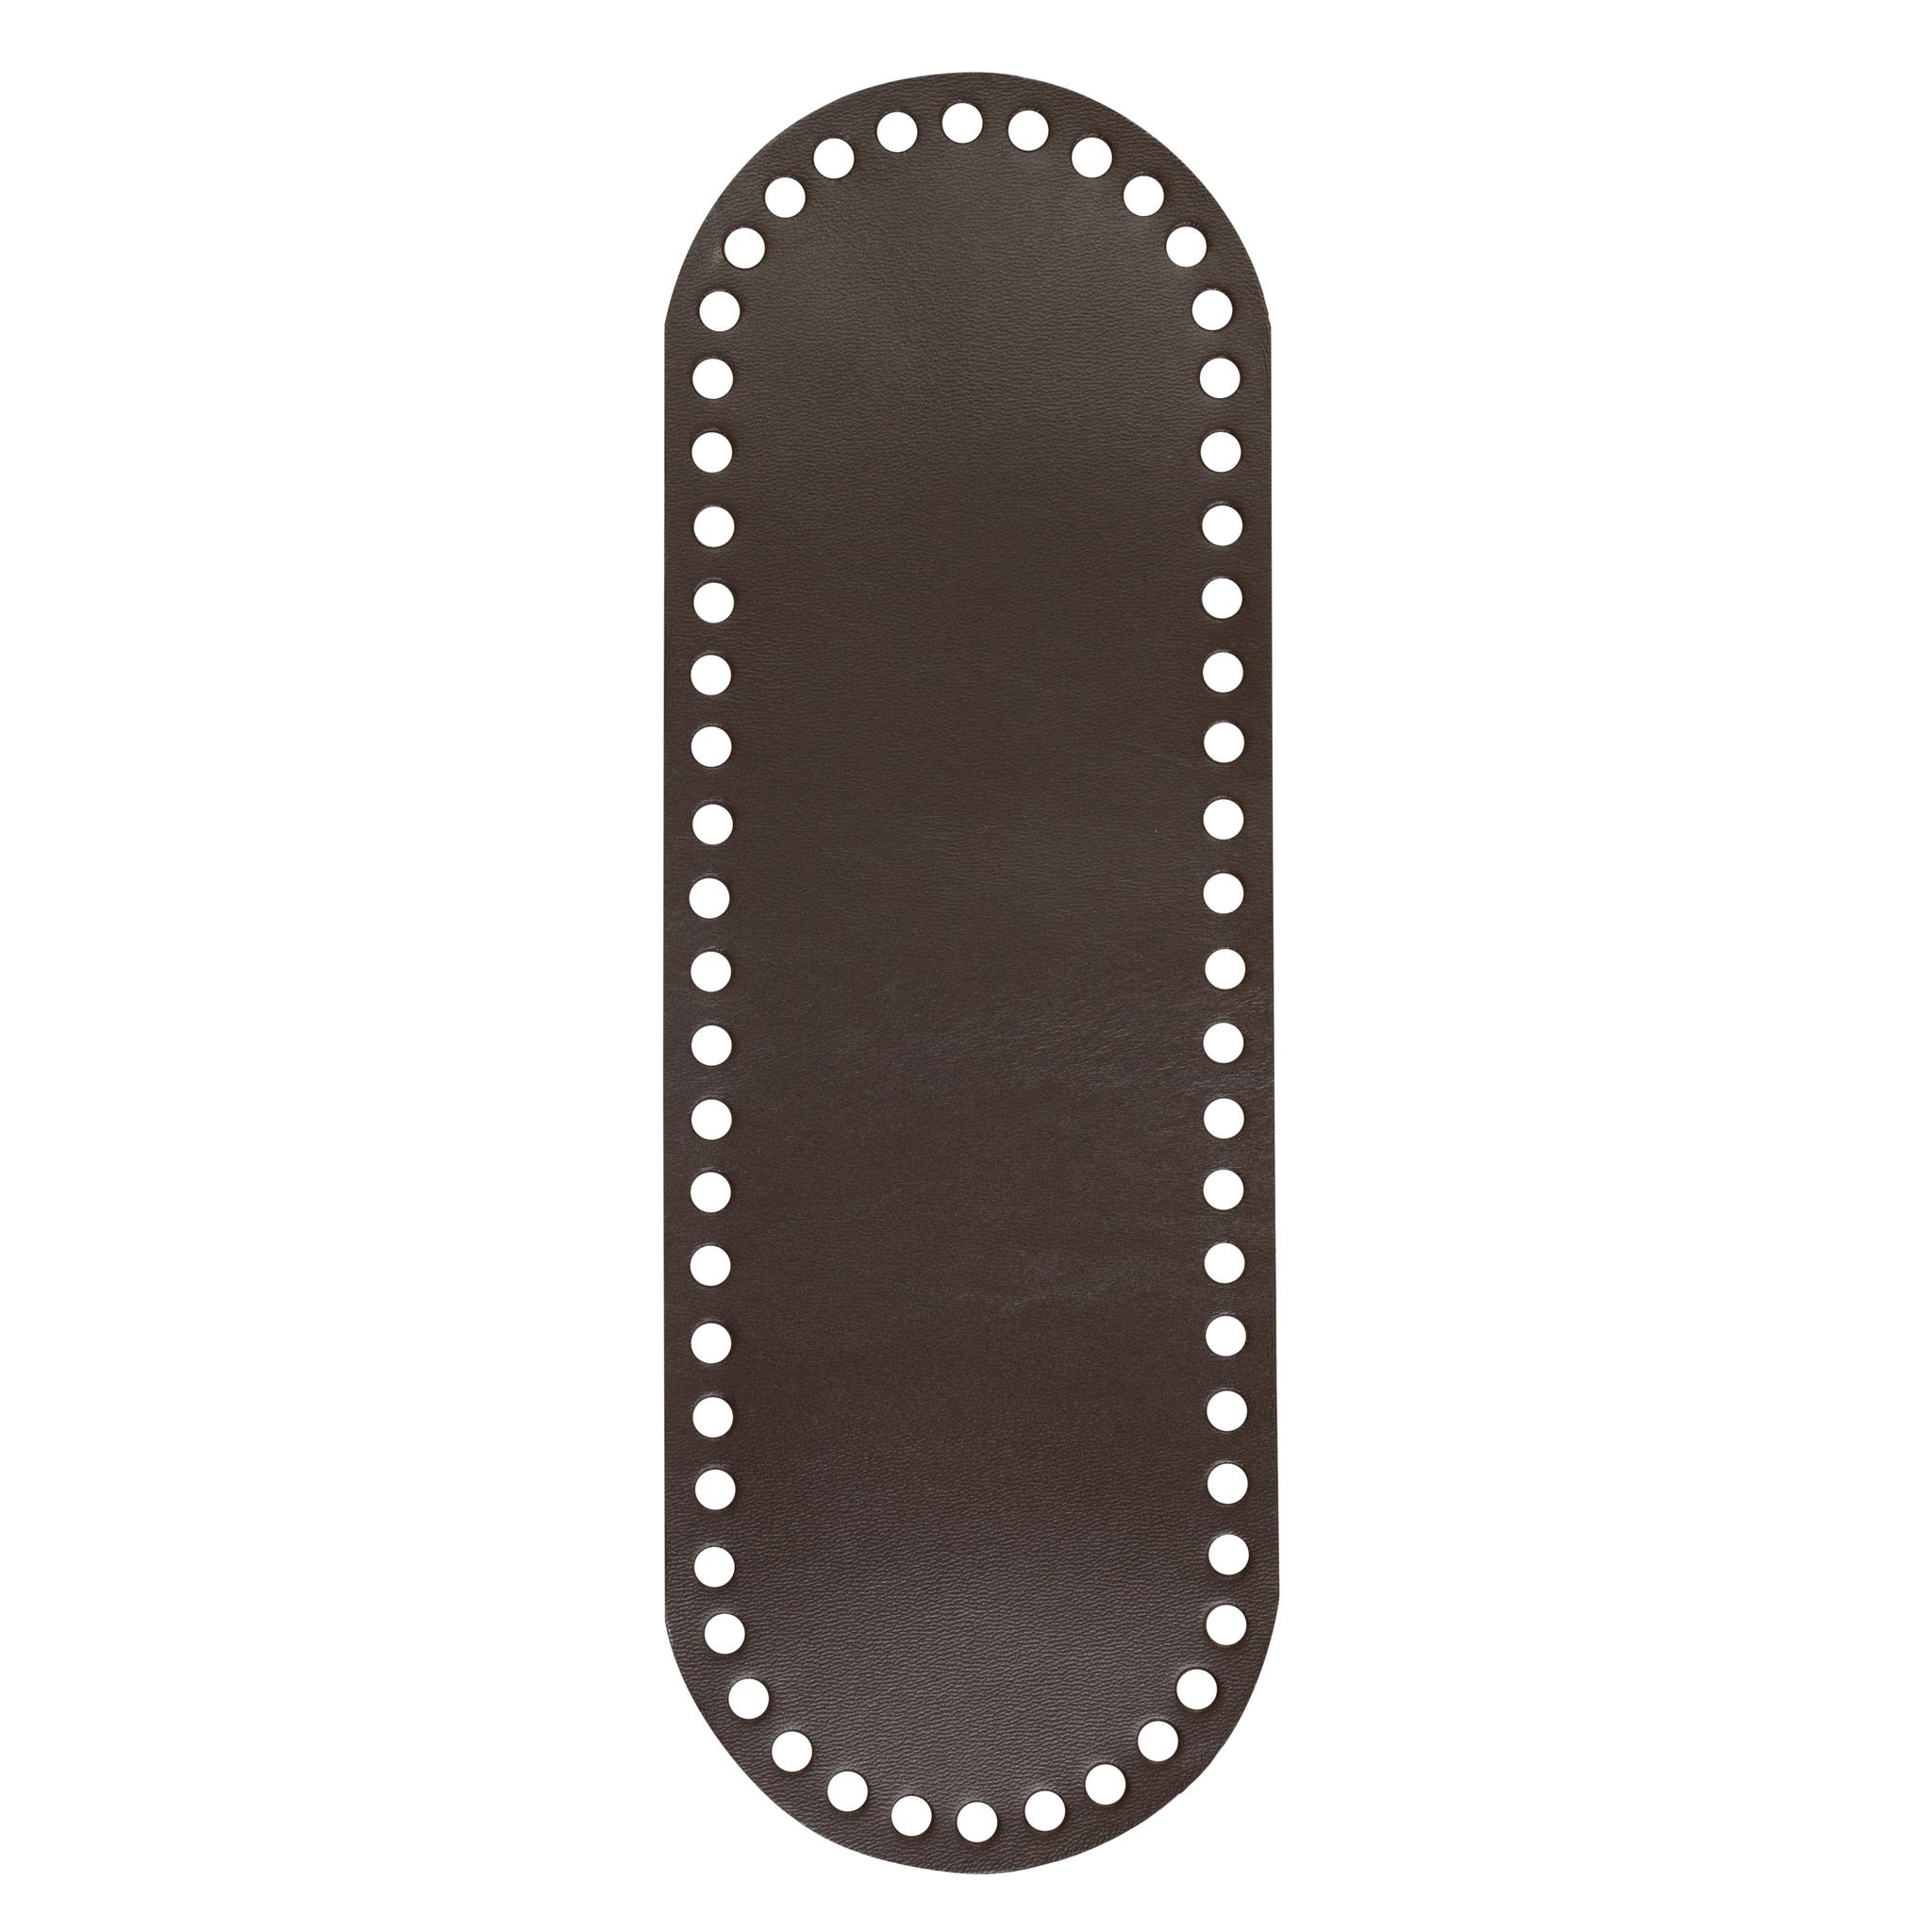 Вся фурнитура Дно. Натуральная кожа темно-коричневое 2,5 мм 27см*9,4см IMG_1186.jpg